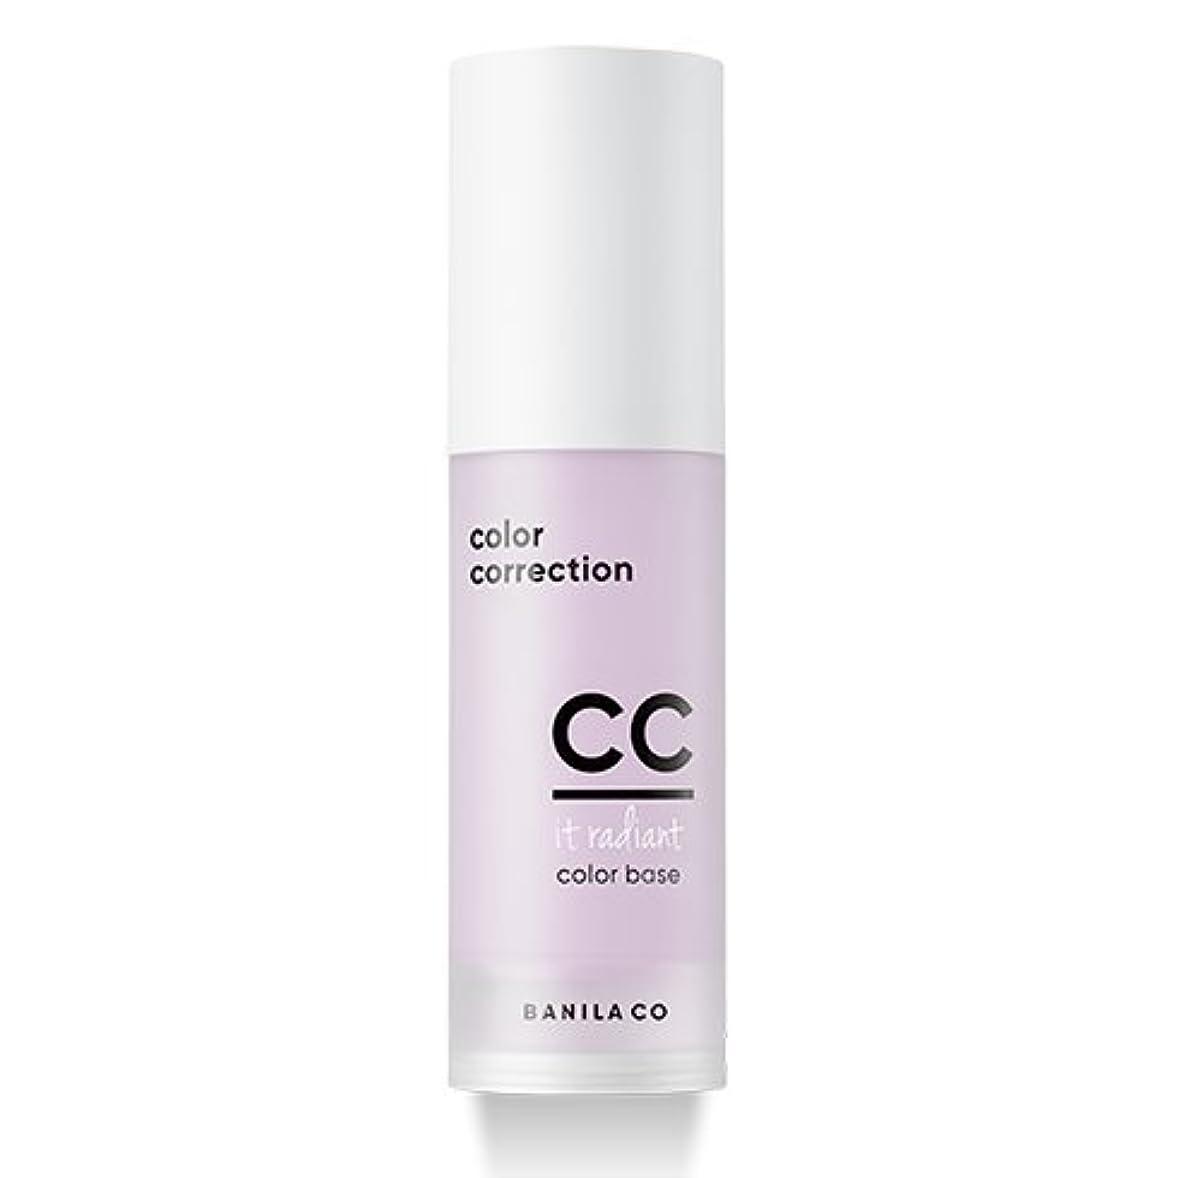 シャッフルおかしいはげBANILA CO It Radiant CC Color Base 30ml/バニラコ イット ラディアント CC カラー ベース 30ml (#Lavender) [並行輸入品]